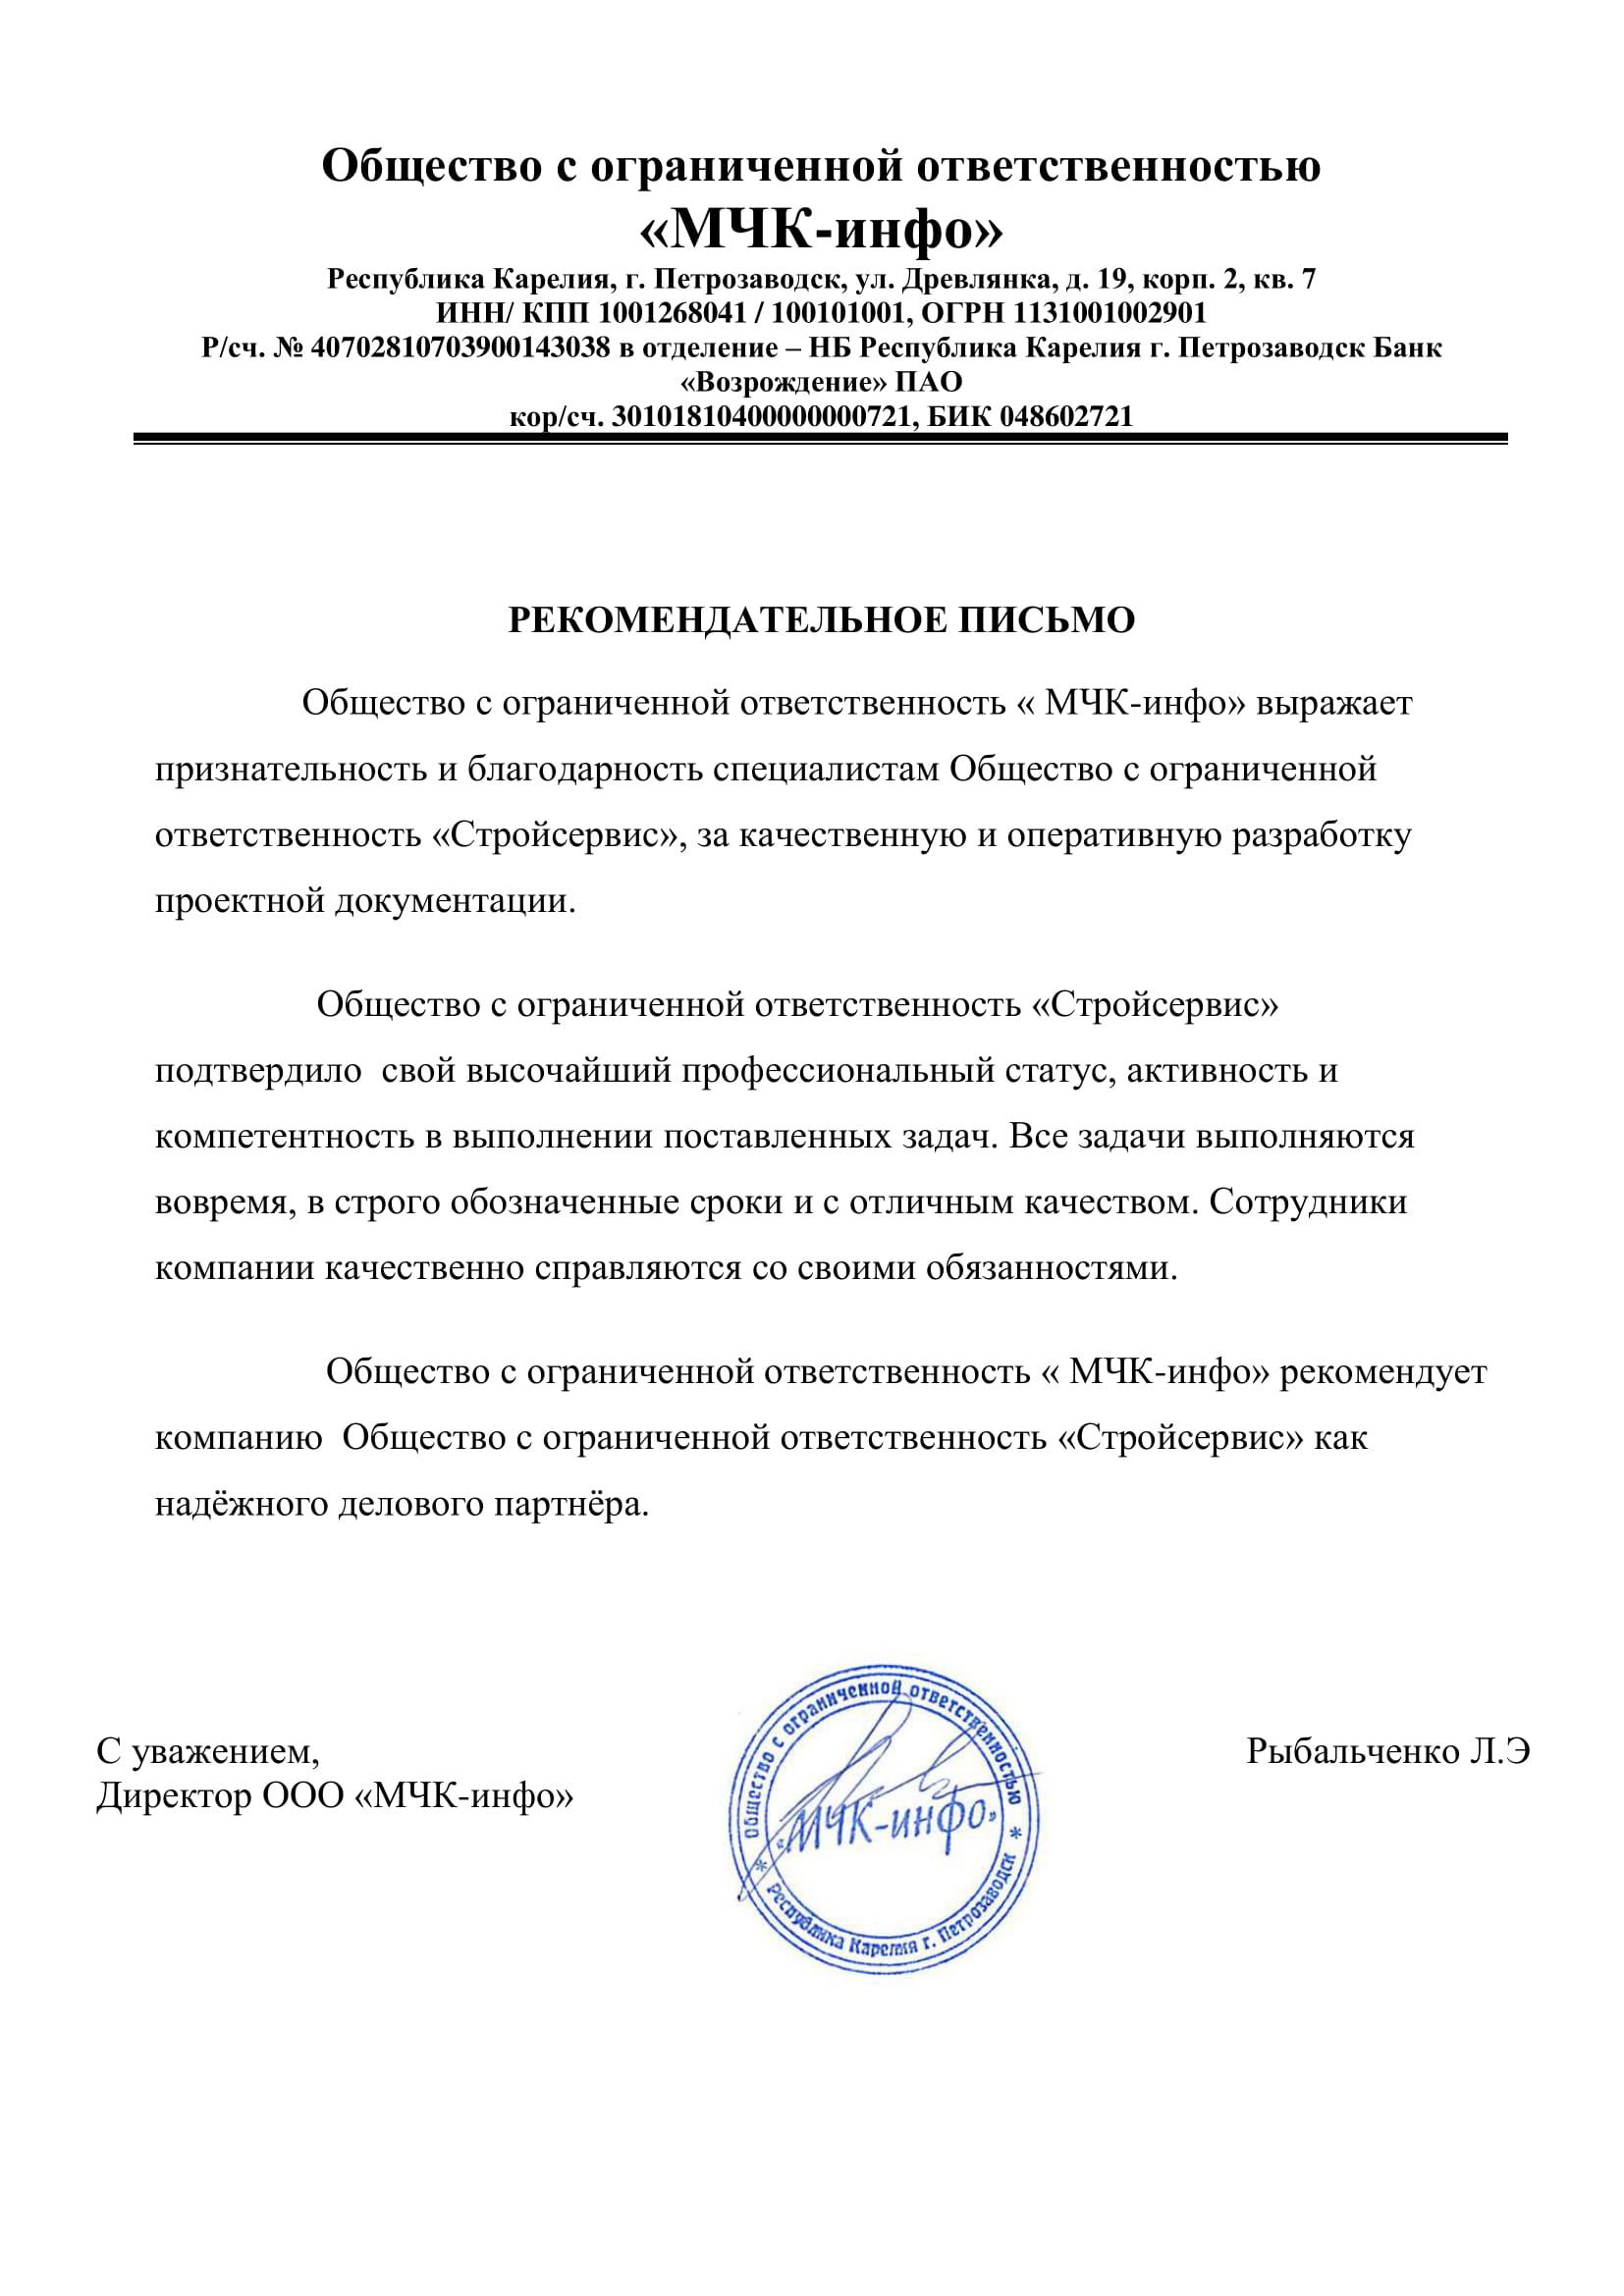 ООО Стройсервис презентация.-3